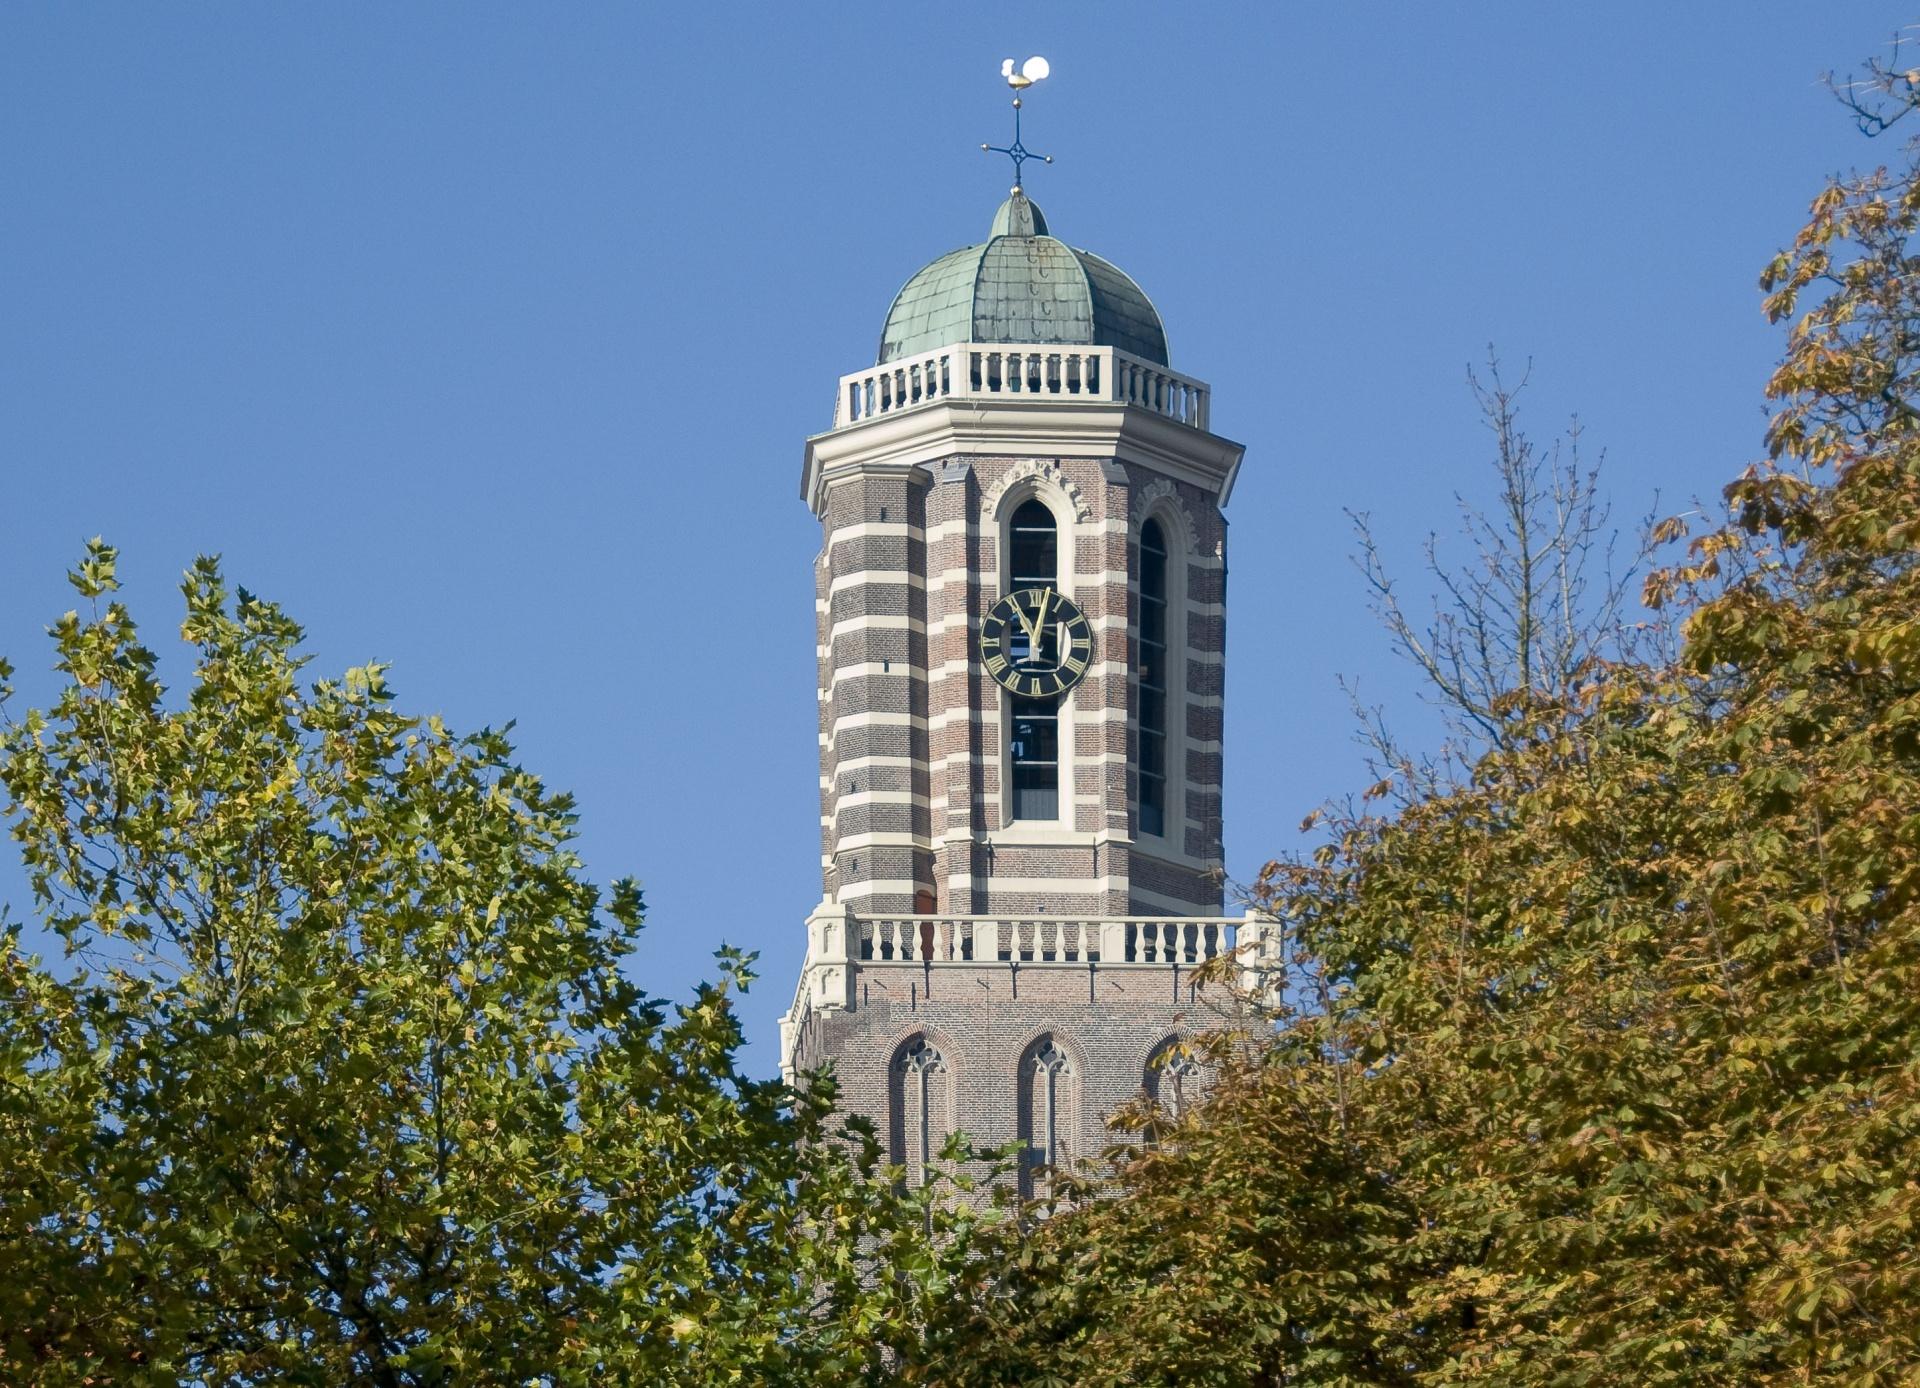 Peperbus Huis Aan Huis Zwolle